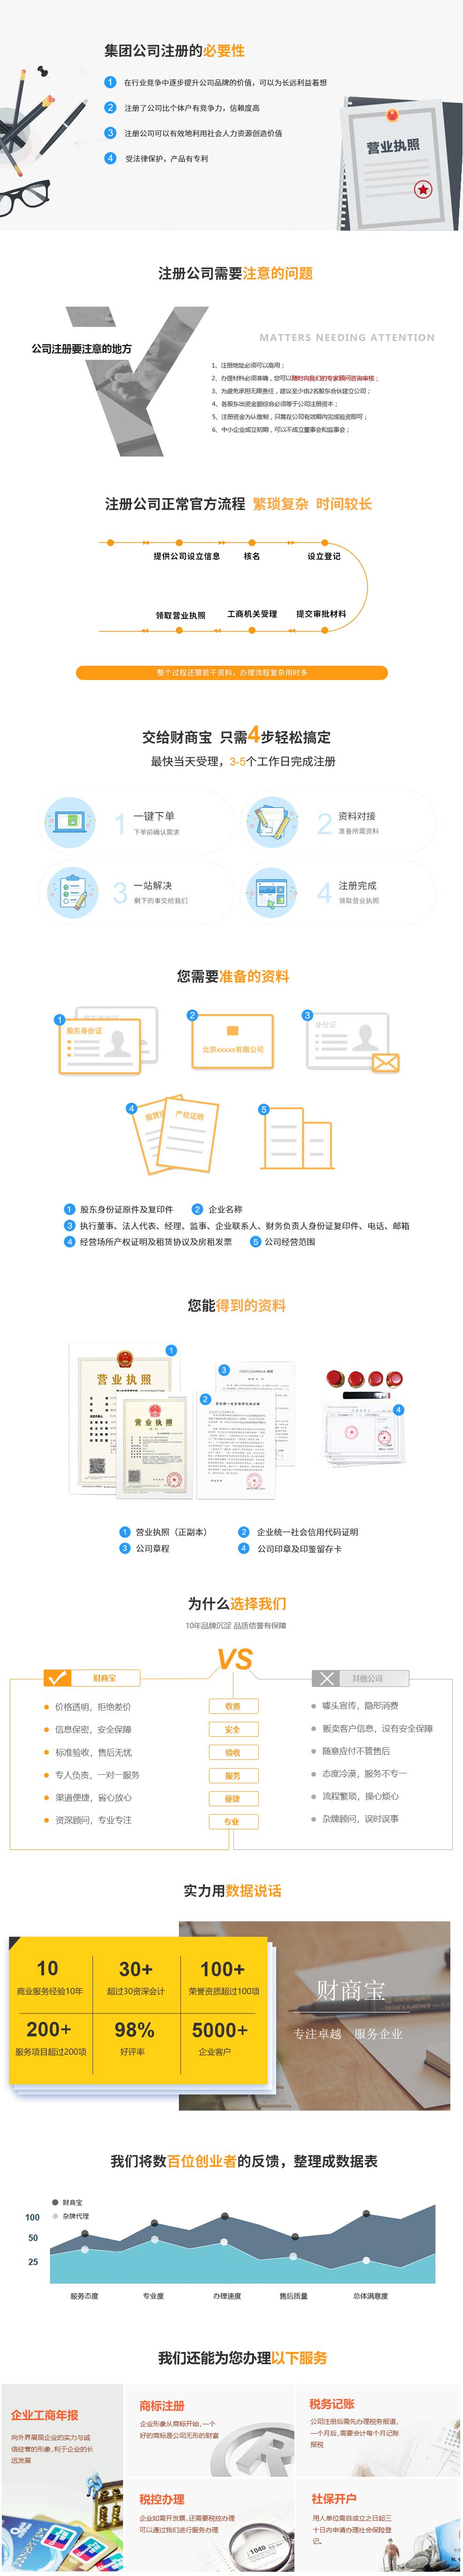 集团公司注册.jpg